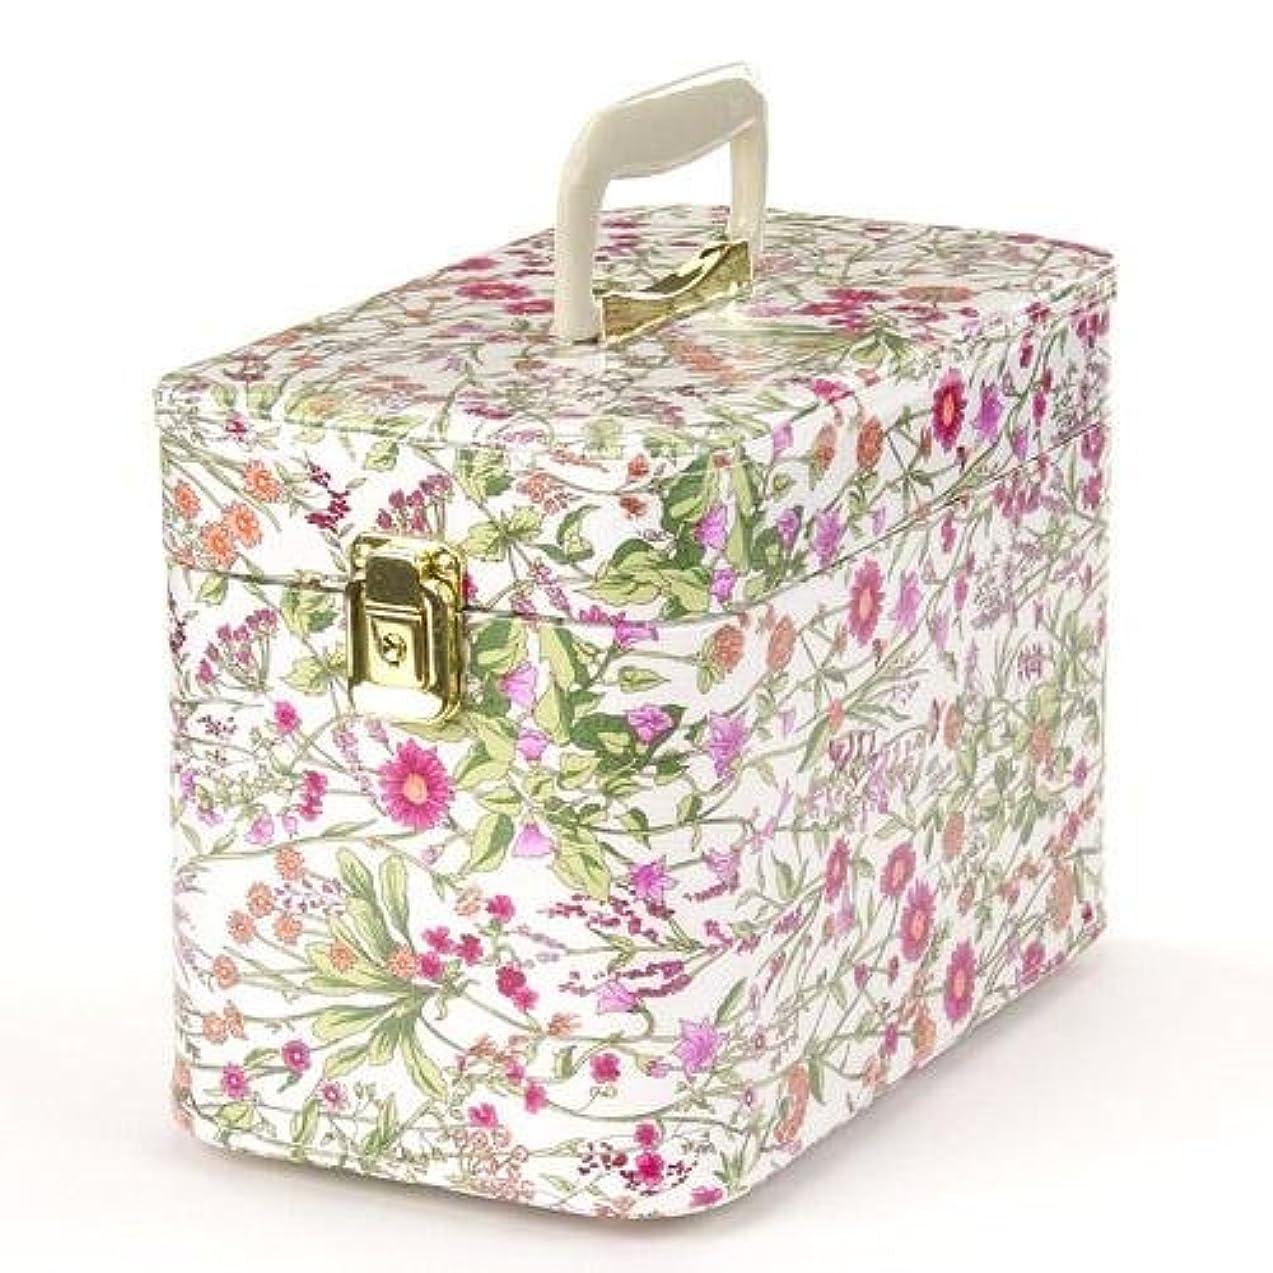 日本製 メイクボックス (コスメボックス)ハーブガーデン 30cm ピンク トレンケース(鍵付き/コスメボックス)